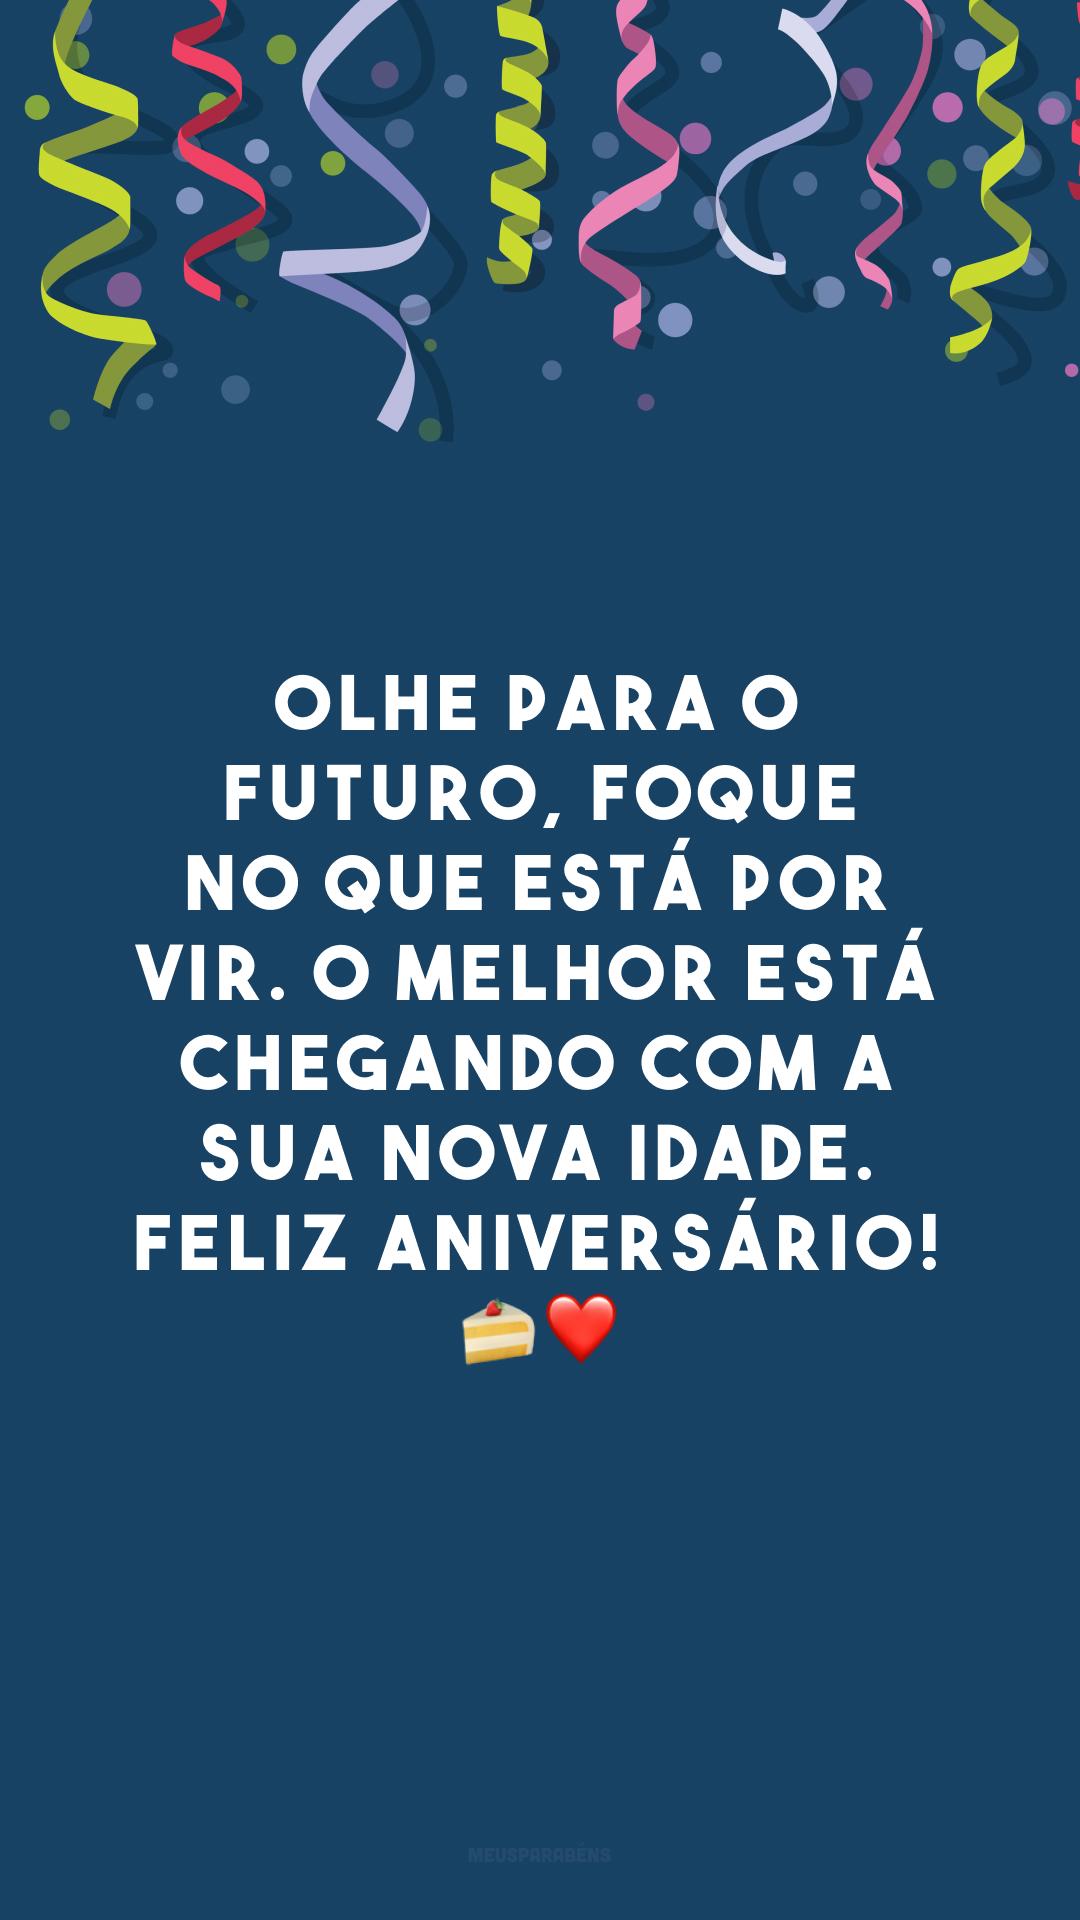 Olhe para o futuro, foque no que está por vir. O melhor está chegando com a sua nova idade. Feliz aniversário! ?❤